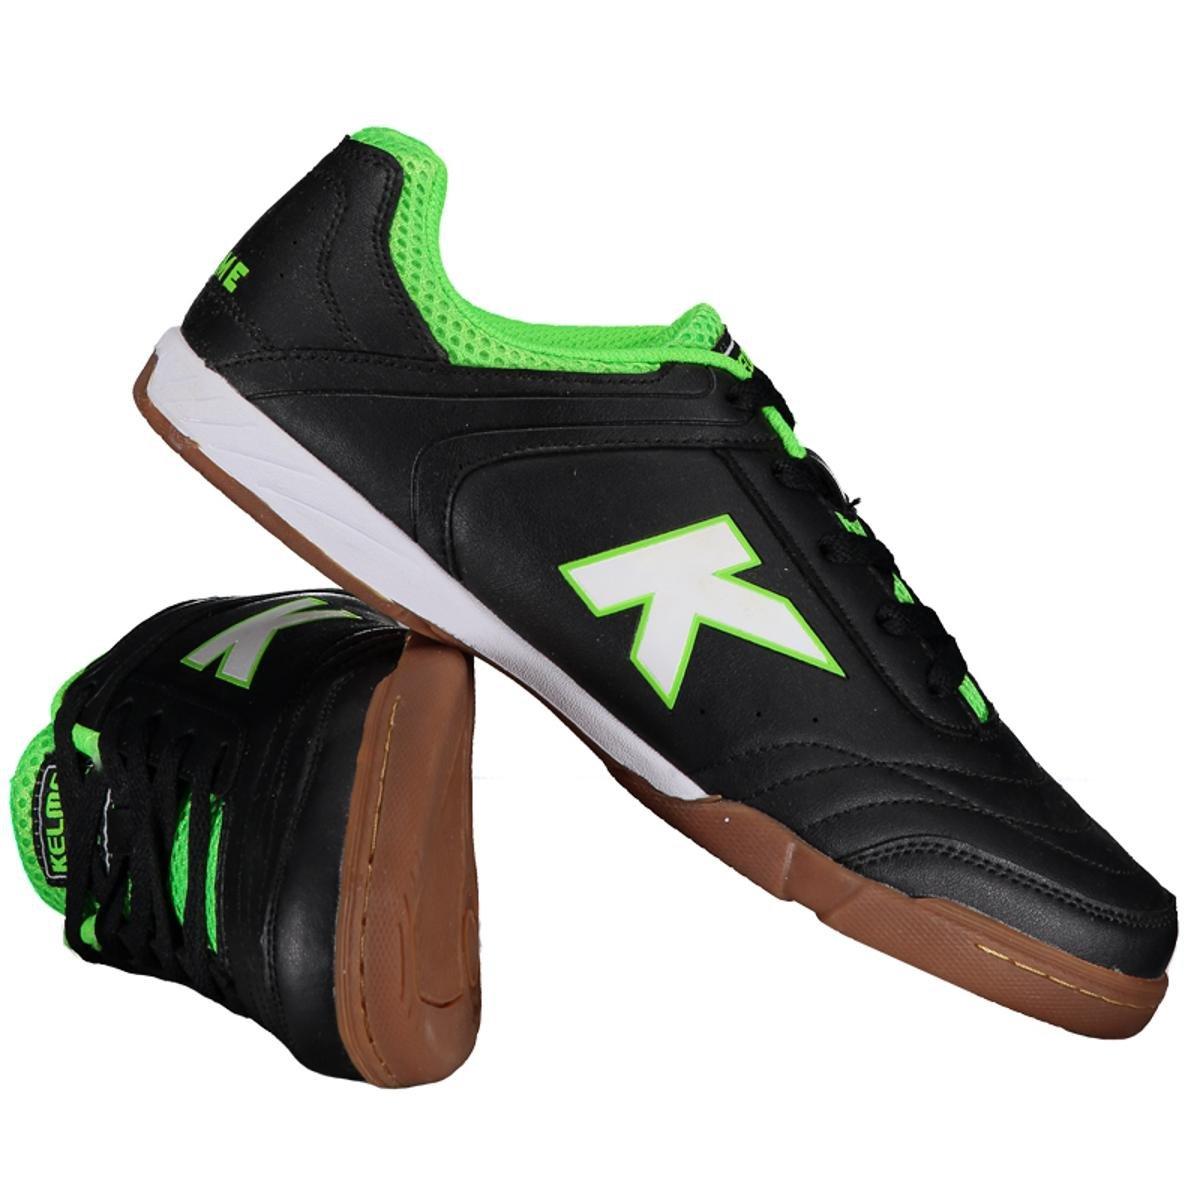 72c6ec4d84f Chuteira Kelme Precision Trn Futsal - Preto - Compre Agora